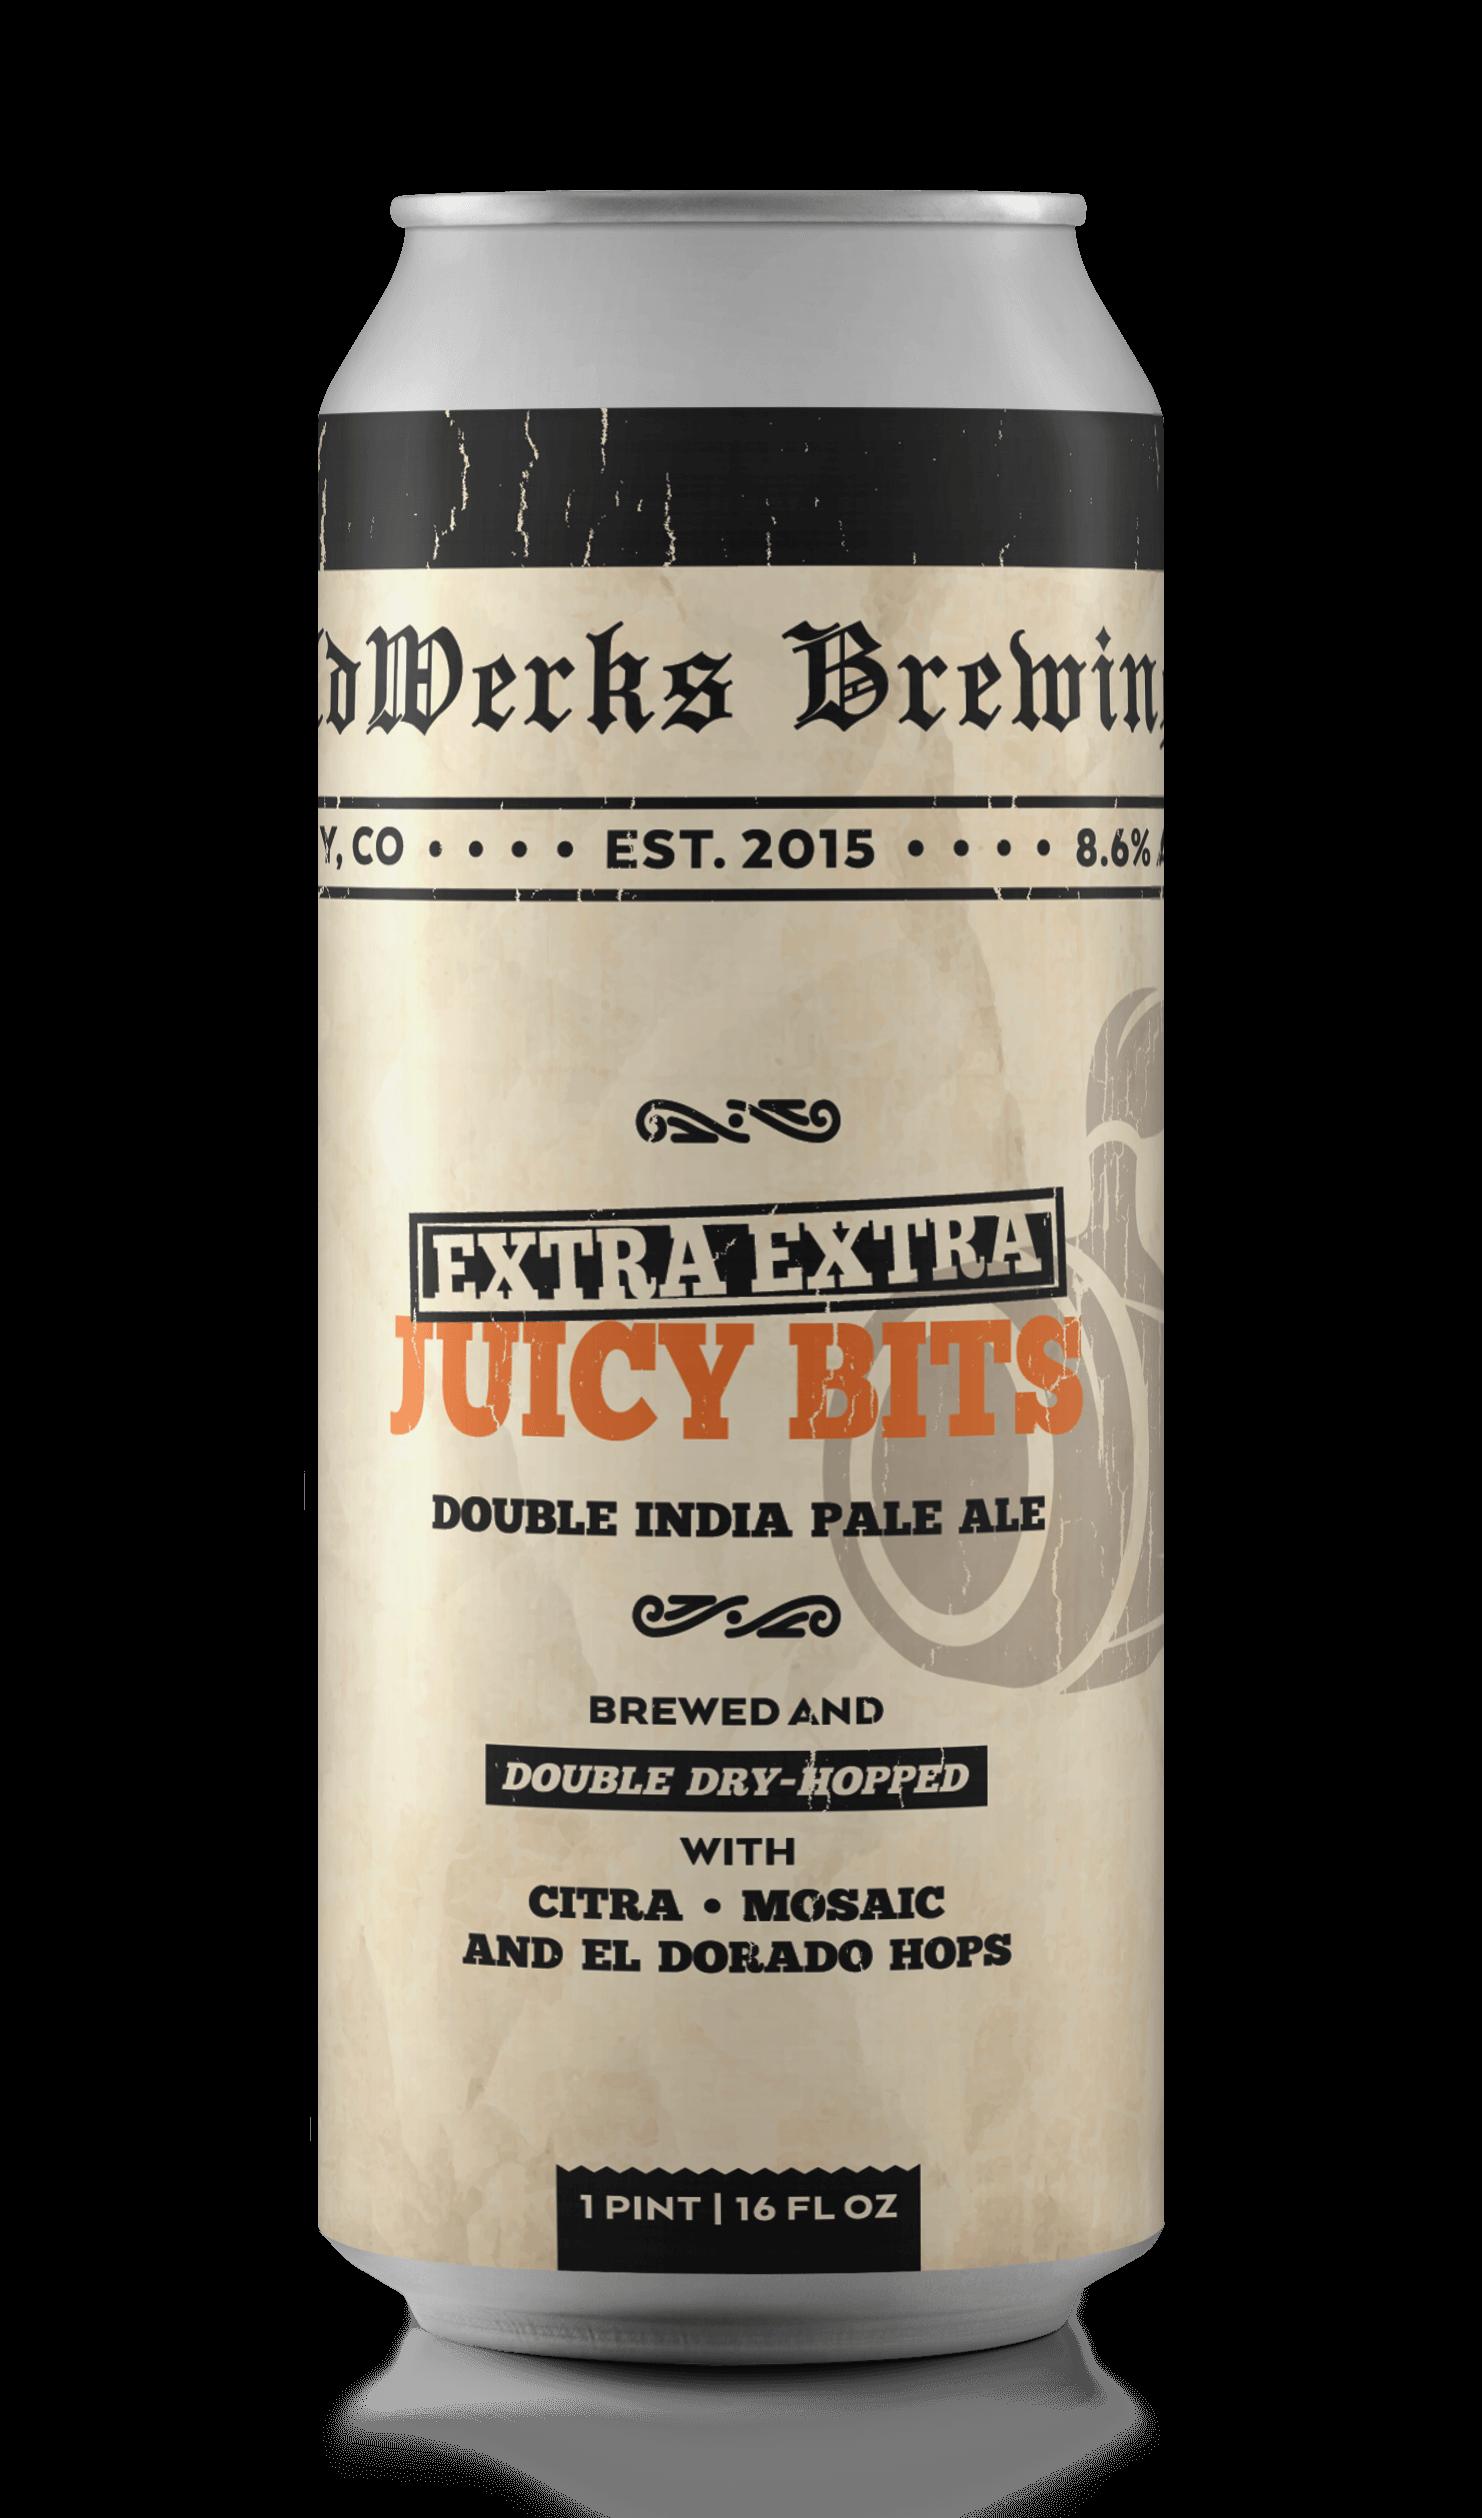 Extra Extra Juicy Bits